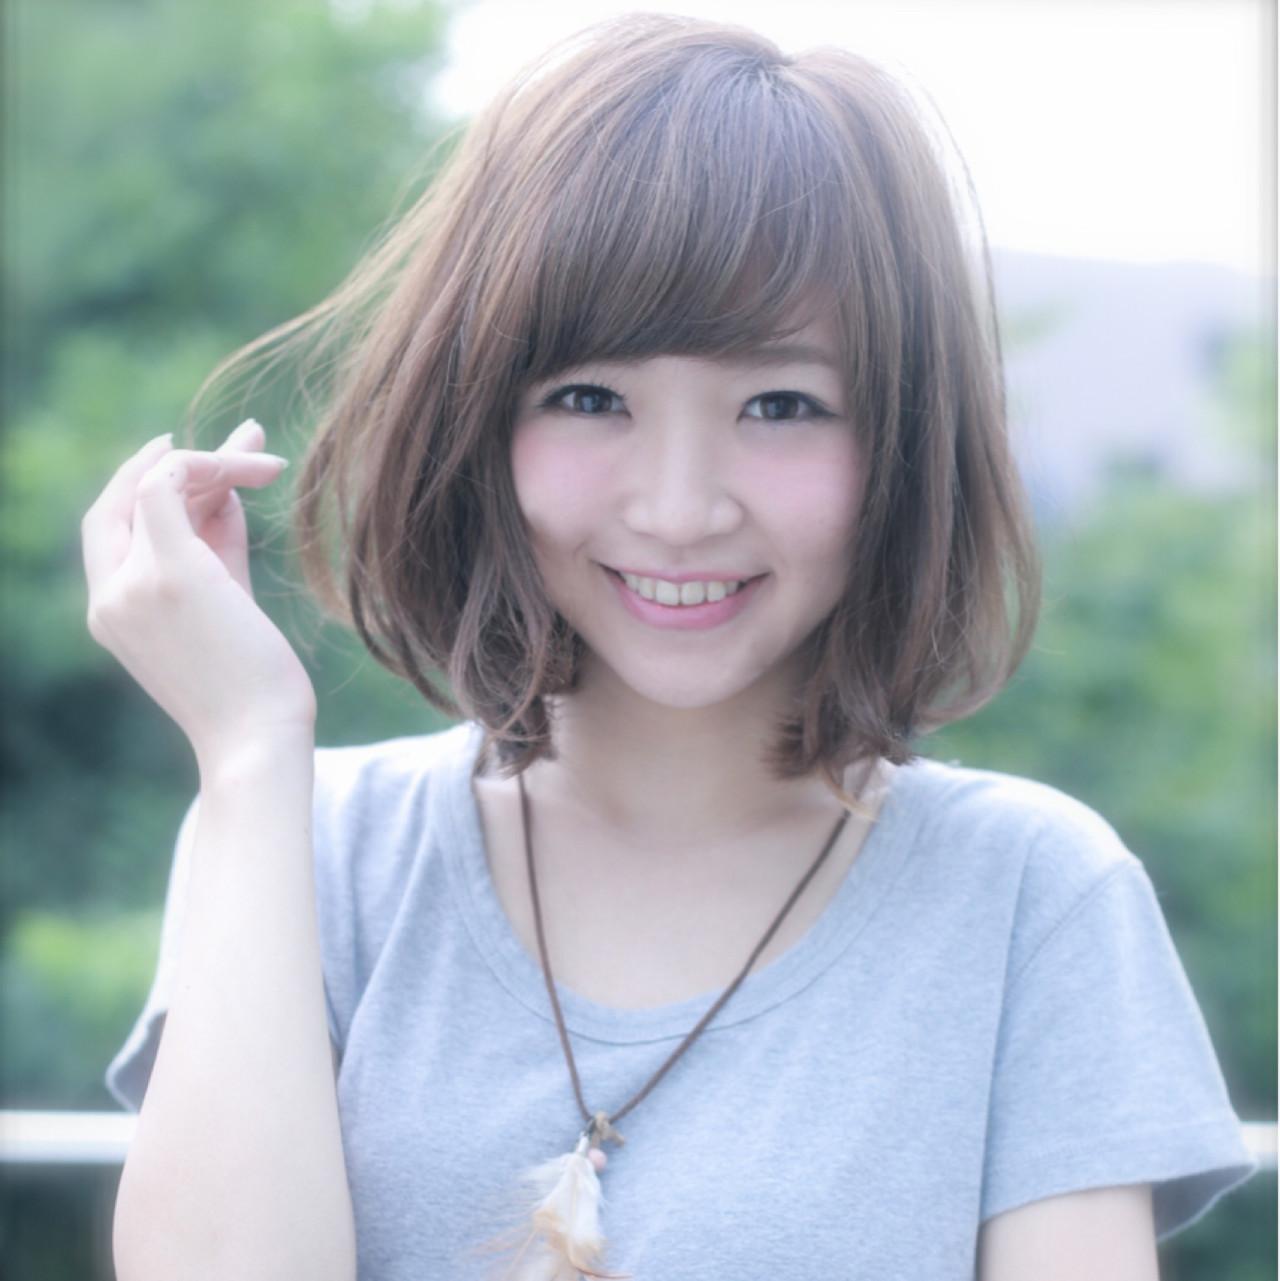 髪にもよくない、日焼けも避けた方が◎ Yoshie Miyakawa